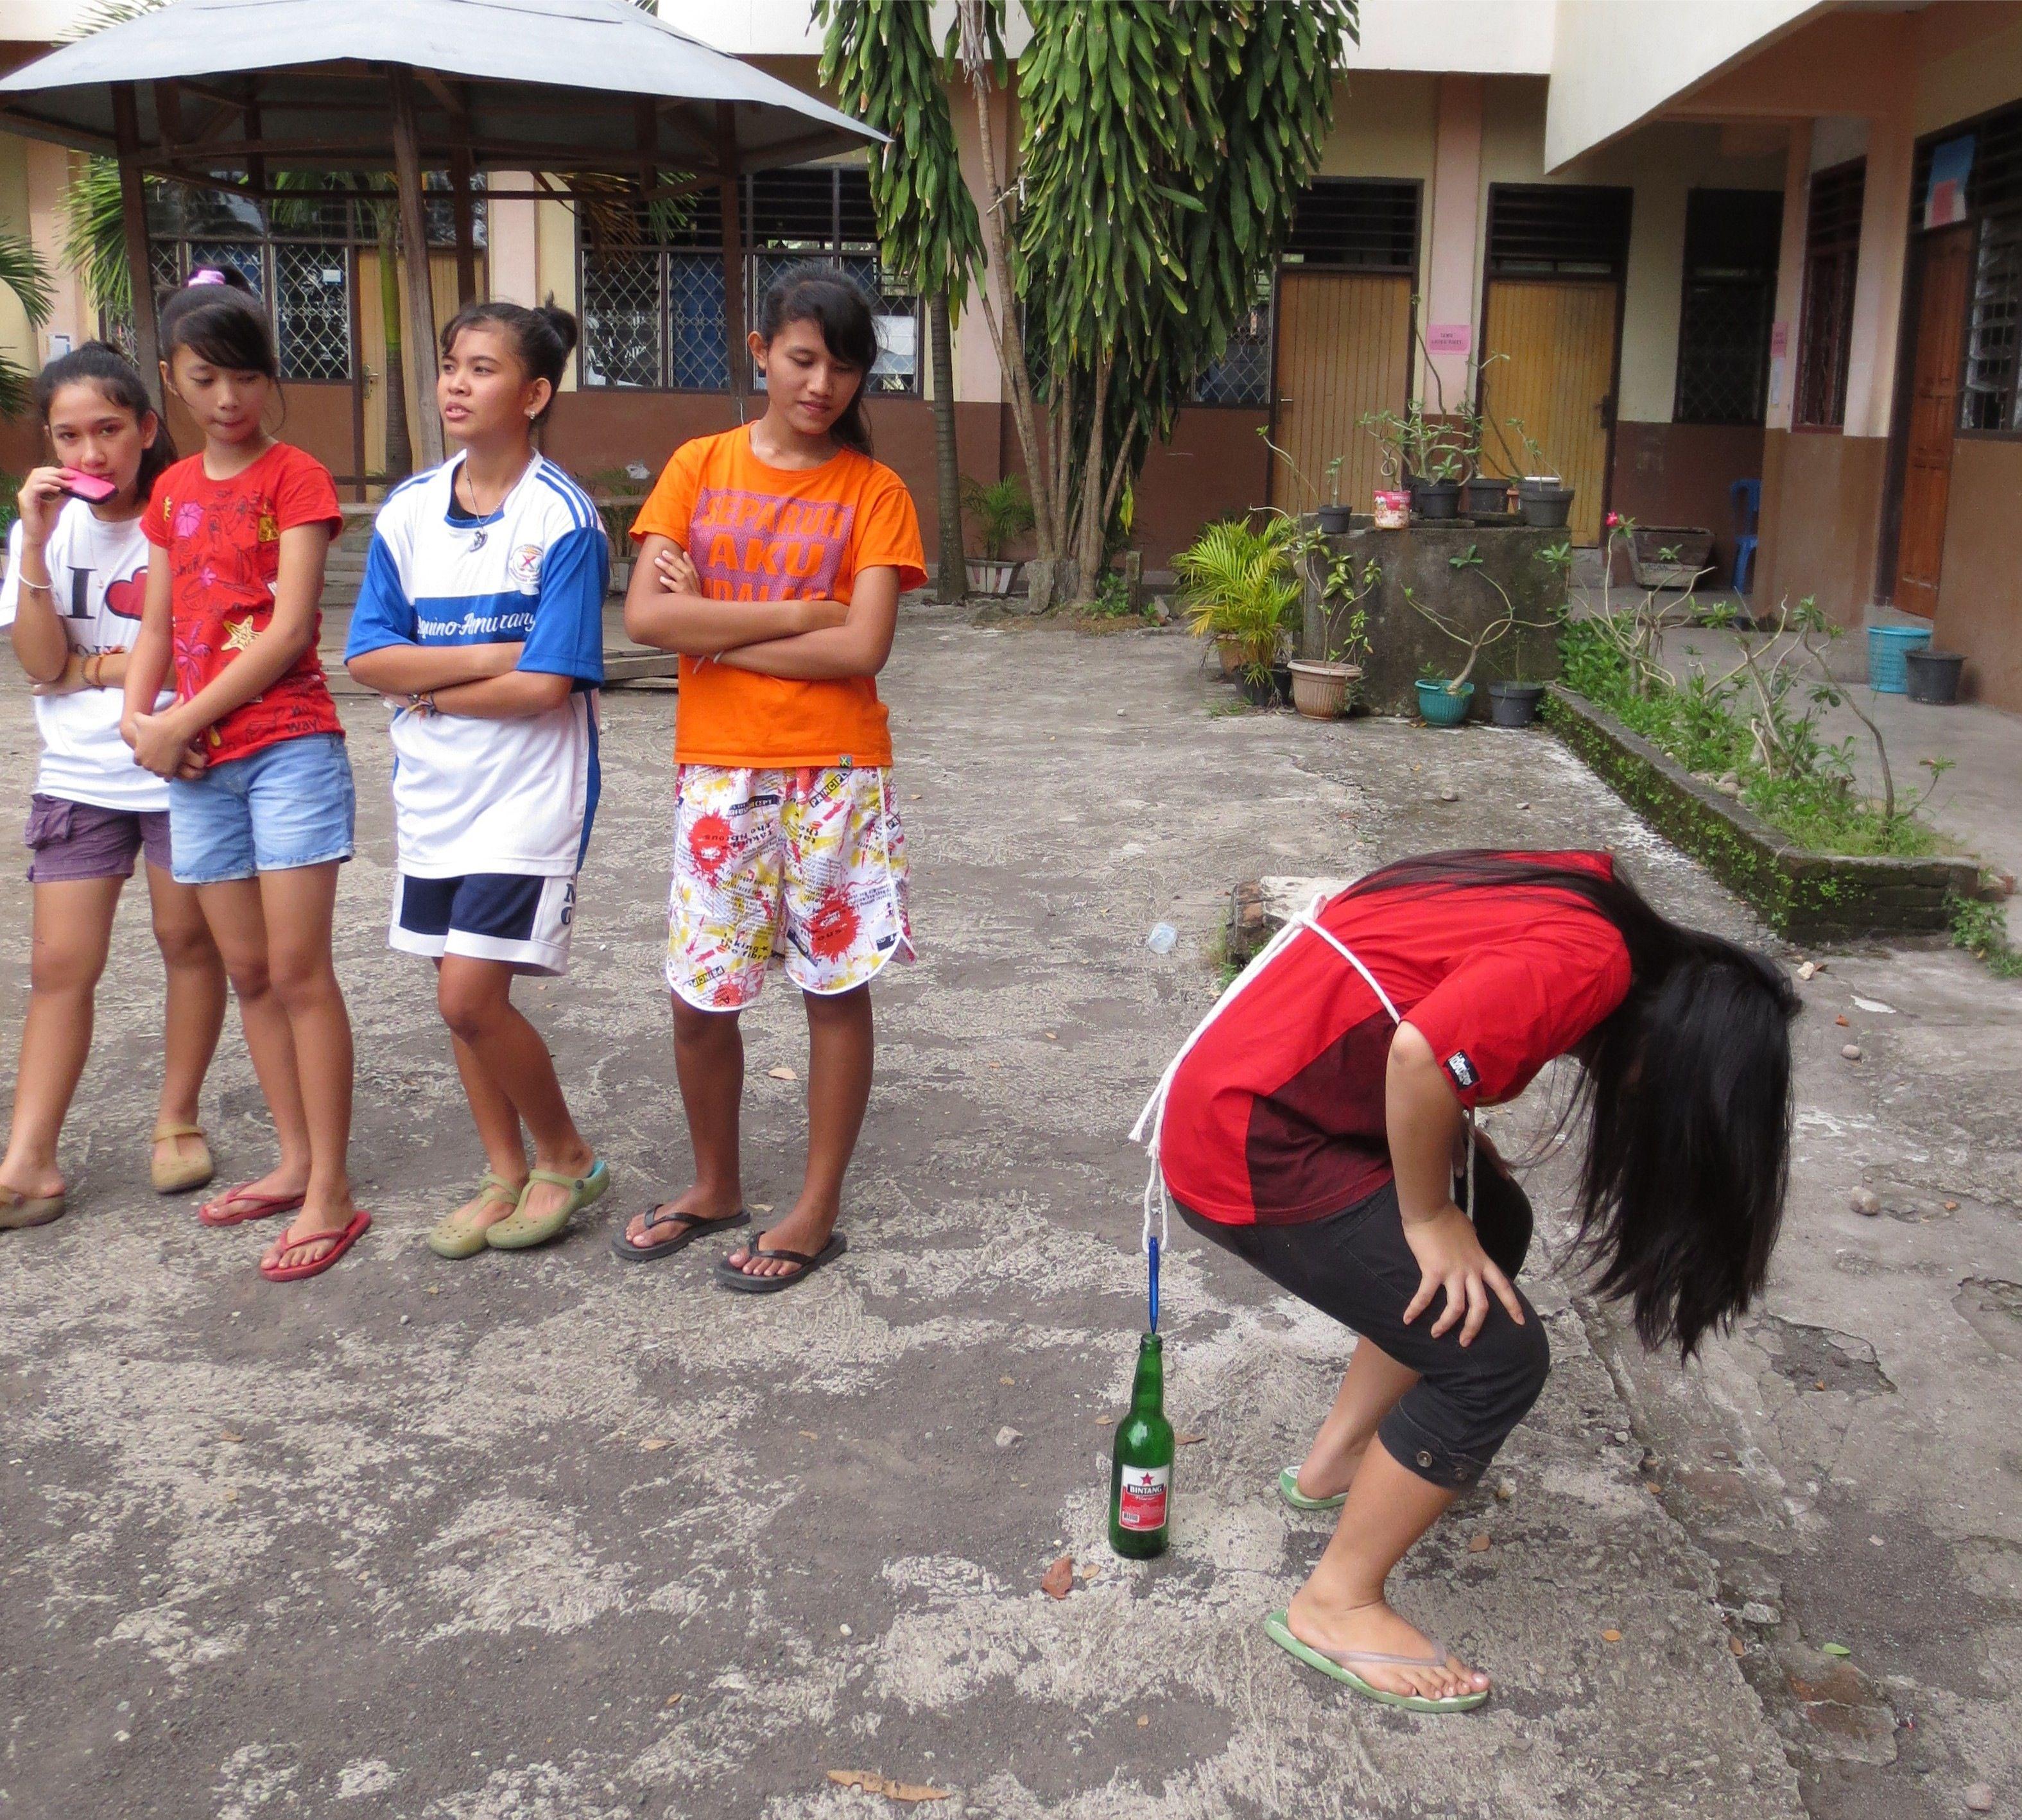 Beroemd Feest Spelletjes Volwassenen CY94 | Belbin.Info @QR93